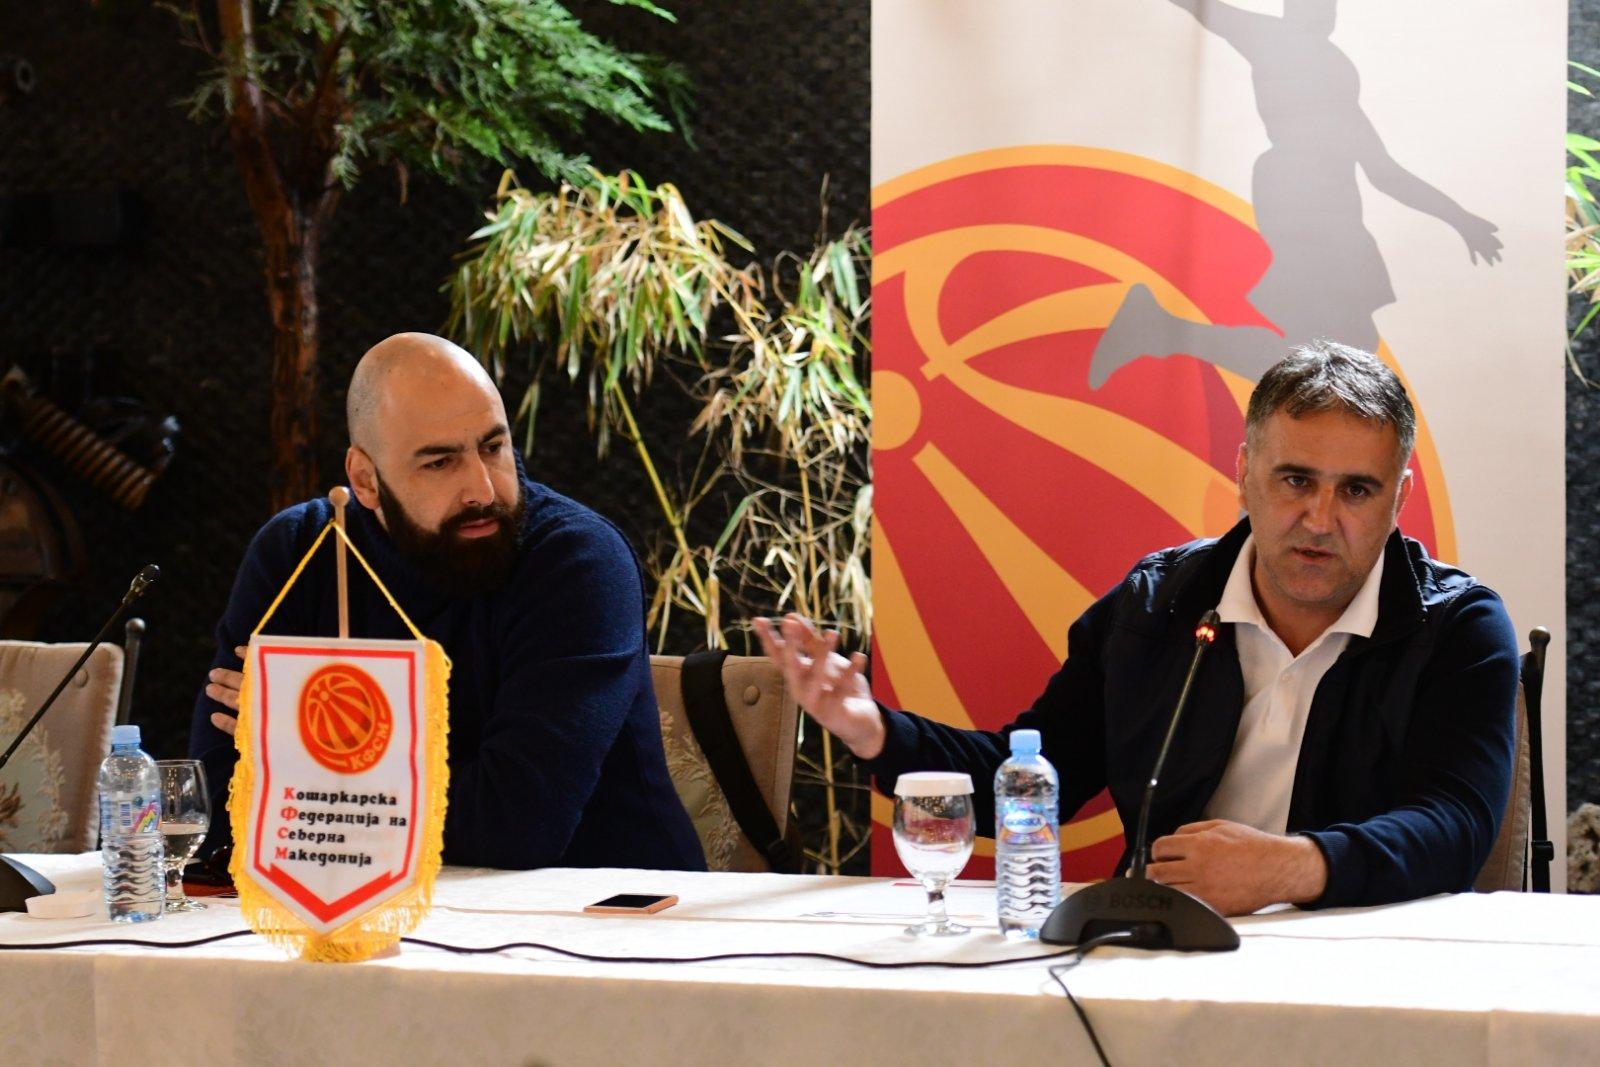 Драган Бајиќ e 15. селектор во историјата на македонската сениорска репрезентација